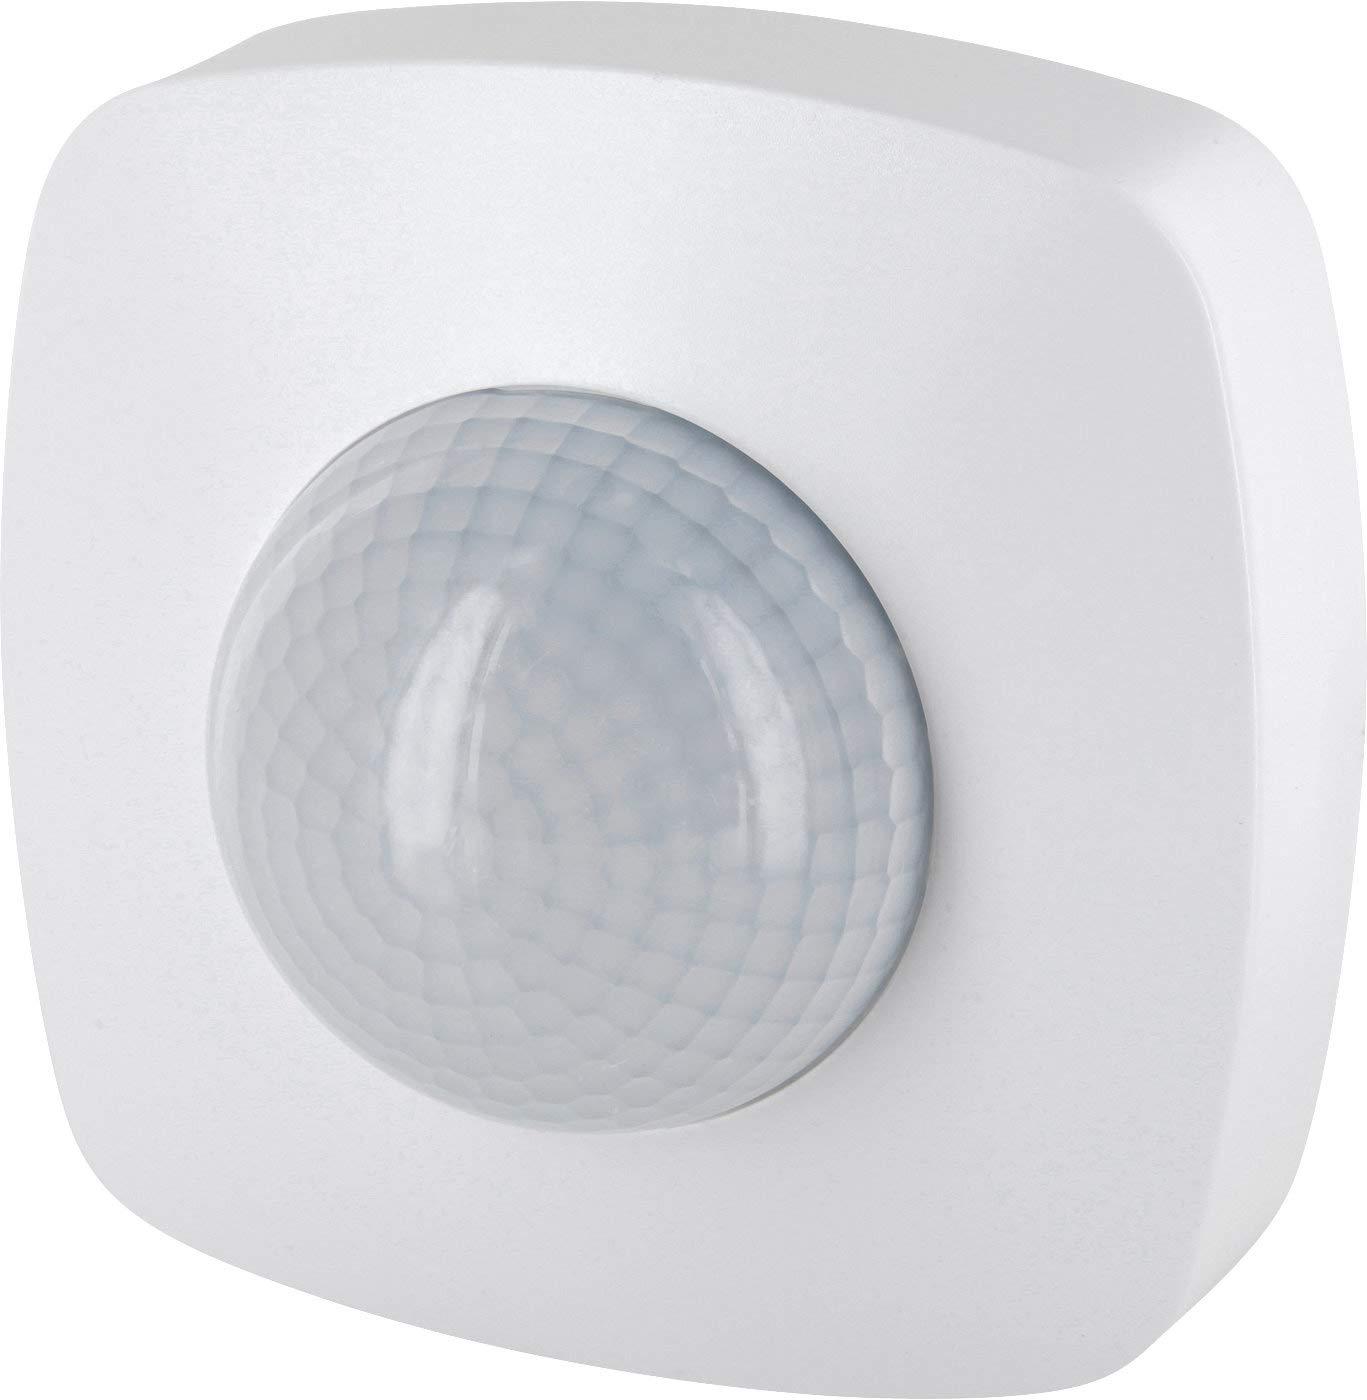 Aufputz infrarrojos Detector de movimiento 360 ° 230 V - con sensor de oscuridad - Alcance 20 m - LED Adecuado a partir de 1 W de 2000 W: Amazon.es: ...